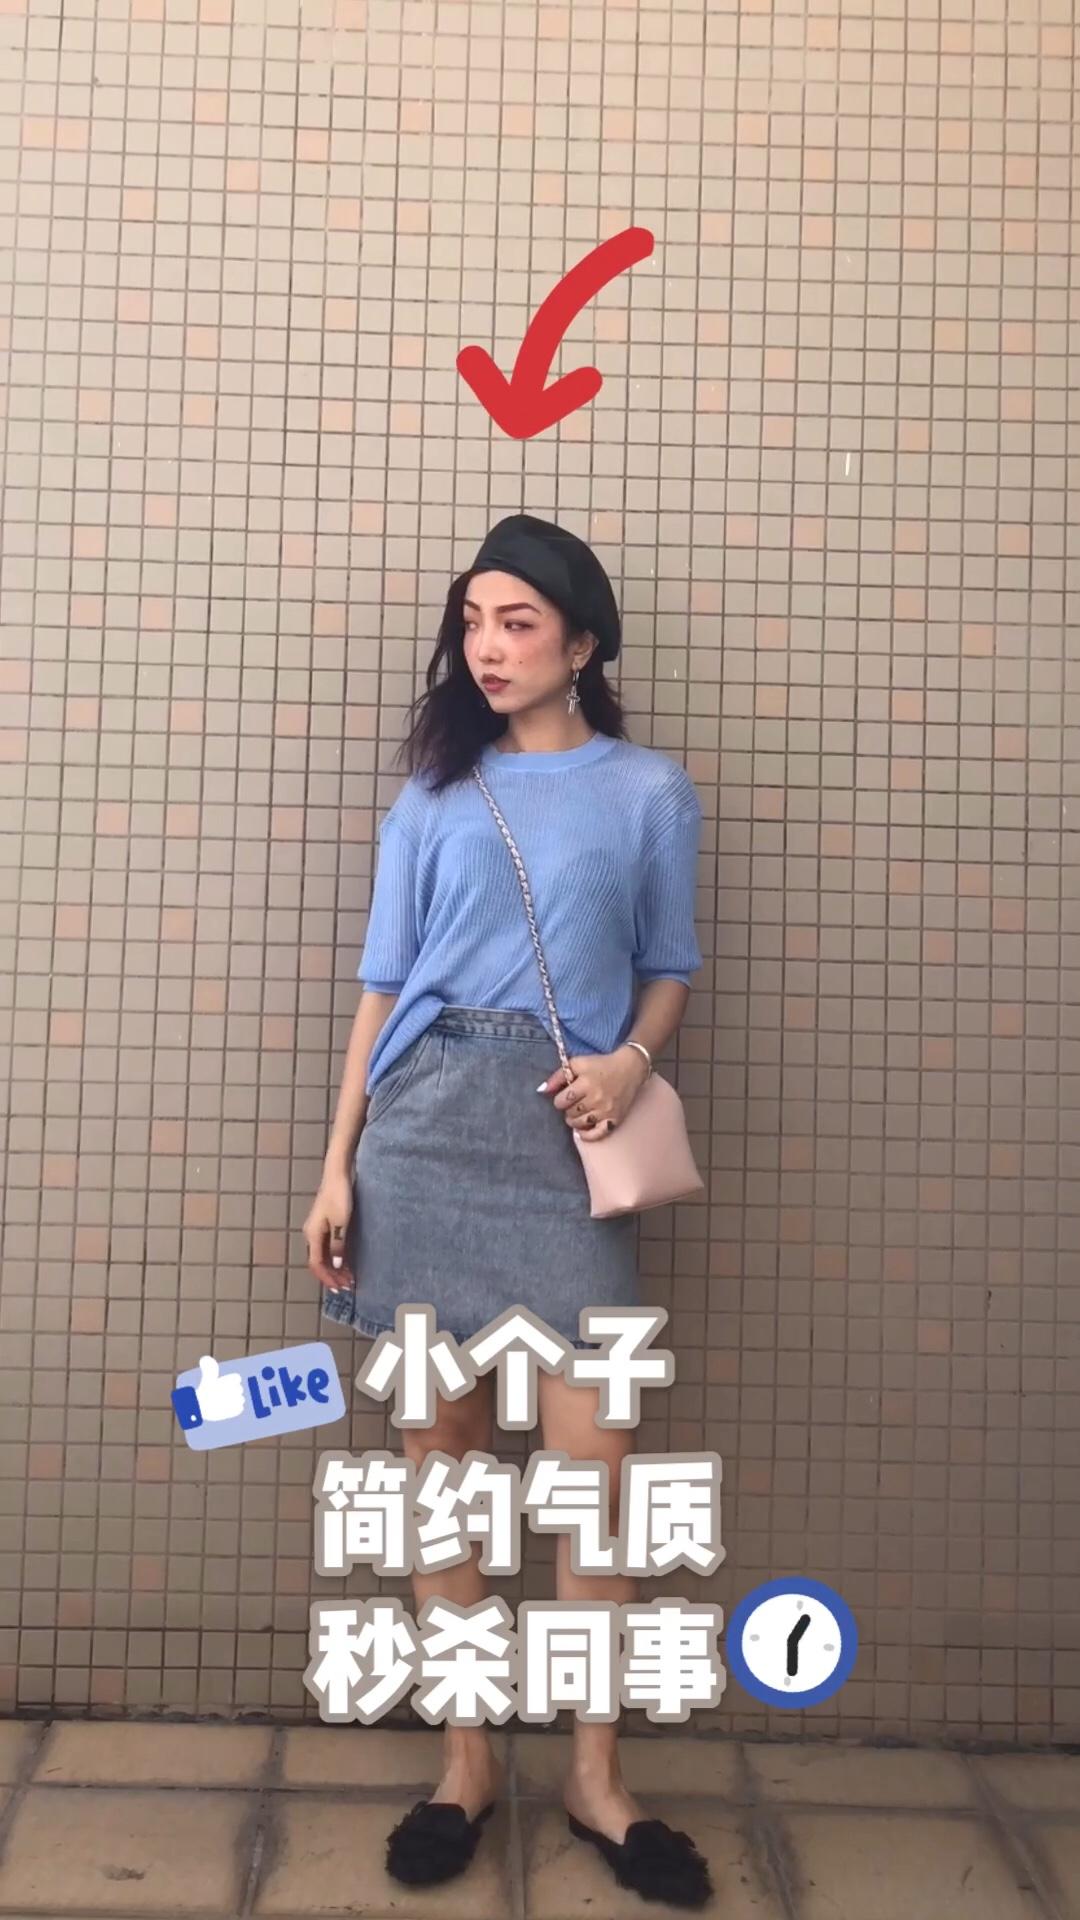 超级显个的牛仔半裙!经典的款式搭配蓝色的T恤真的是清新又甜美!一双小皮鞋➕贝雷帽上下呼应,你就是办公室的c位 #简约气质穿搭,占领办公室C位!#